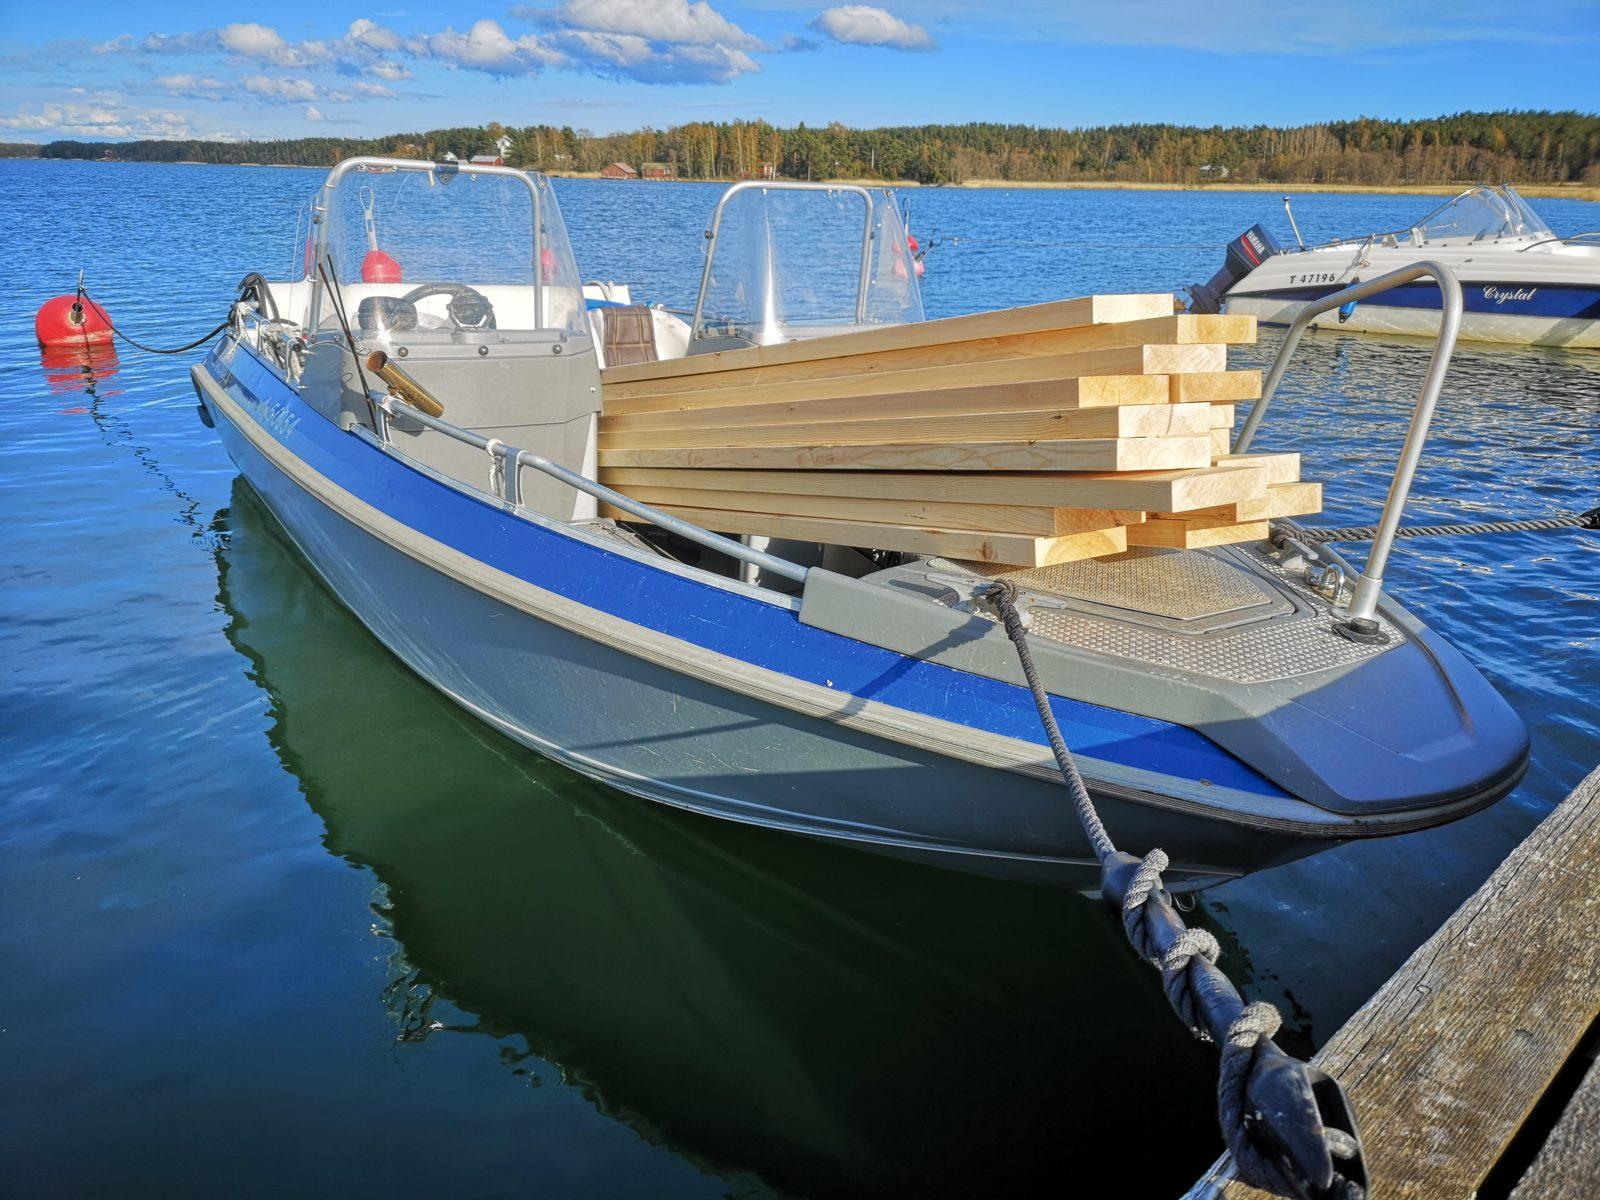 Sahatavara liikkui myös Korppoossa, jossa veneellä lautaa ja lankkua rahdattiin Hevonkackin saareen.